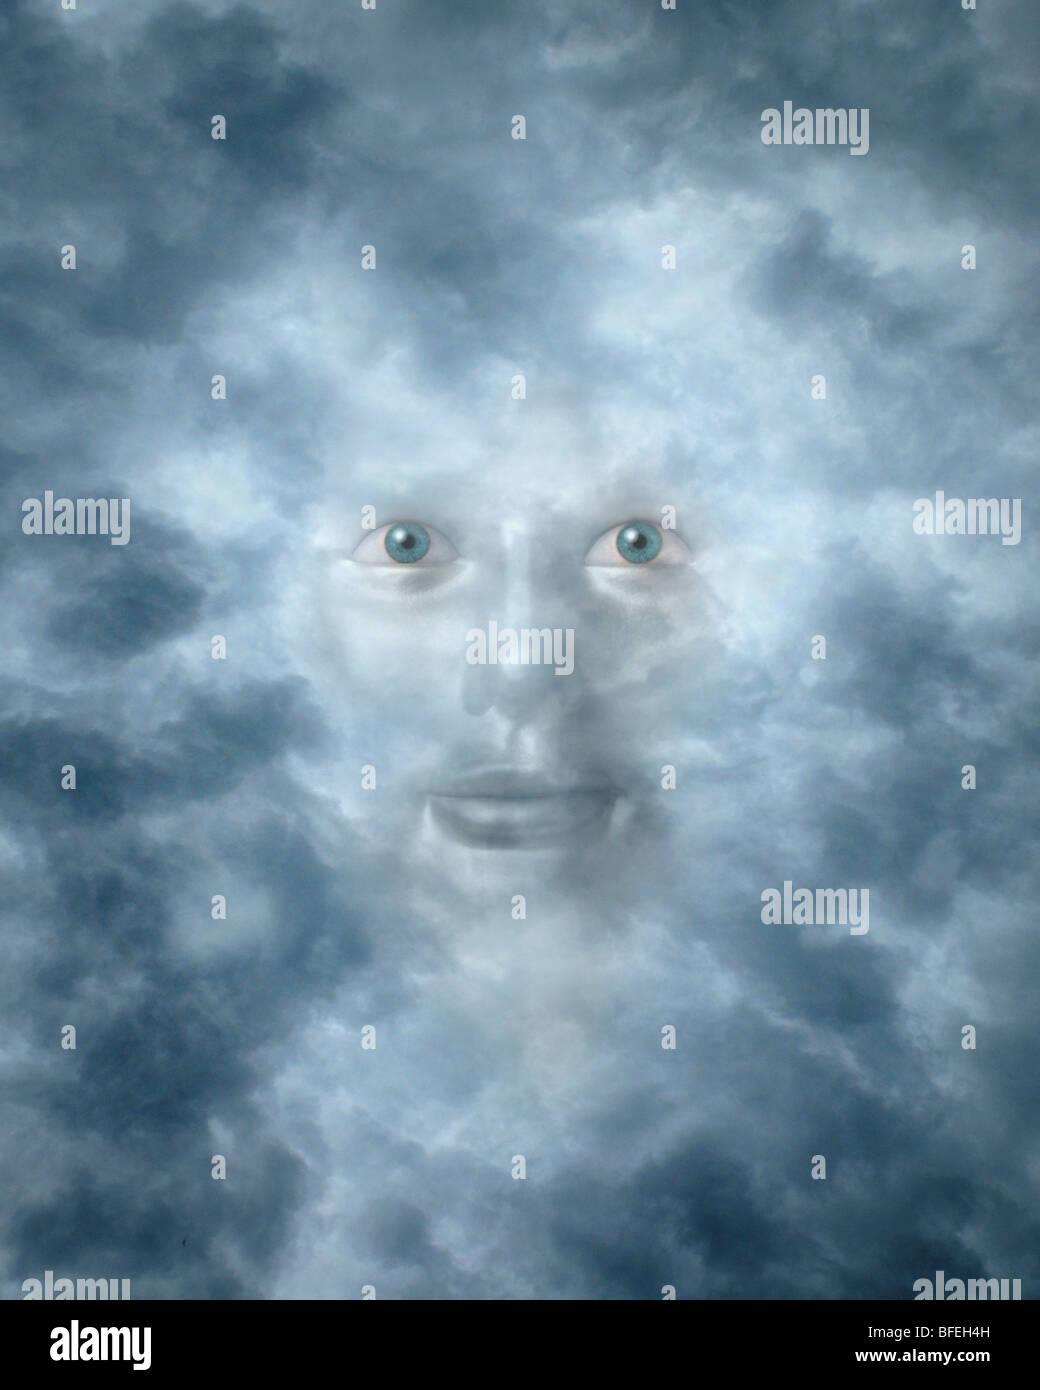 Spirituelle Gesicht spähte durch Wolken möglicherweise einen Gott oder Gottheit Stockbild